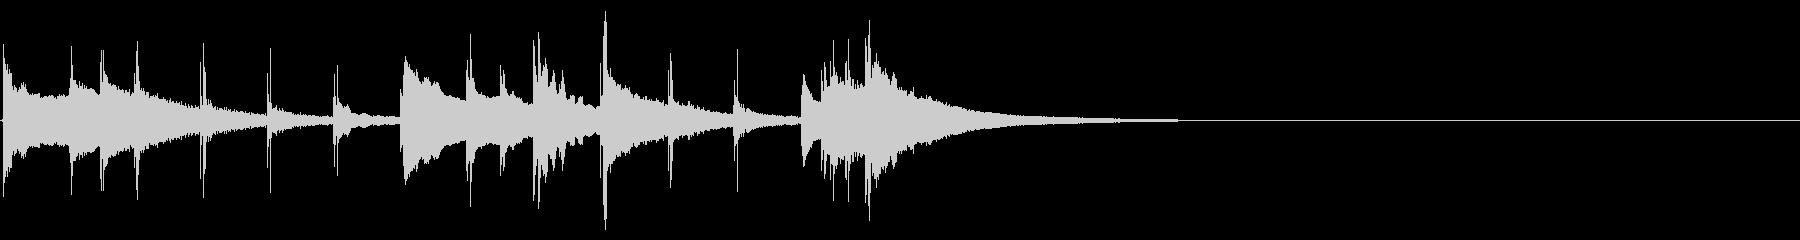 ケルティックなオルゴールジングルの未再生の波形